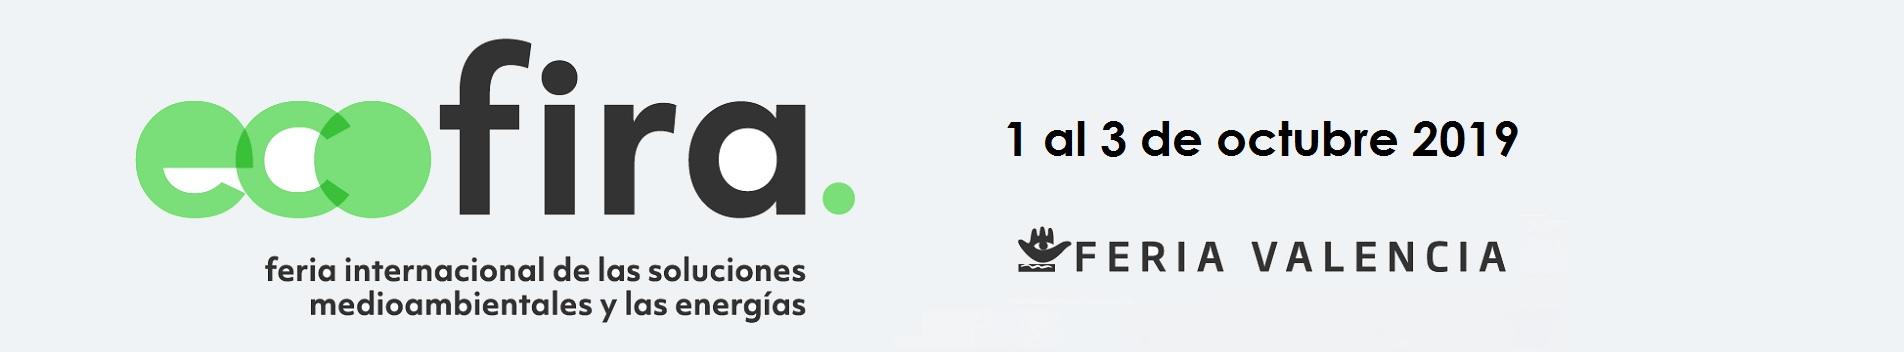 AVEP y AIMPLAS organizan una jornada en ECOFIRA2019